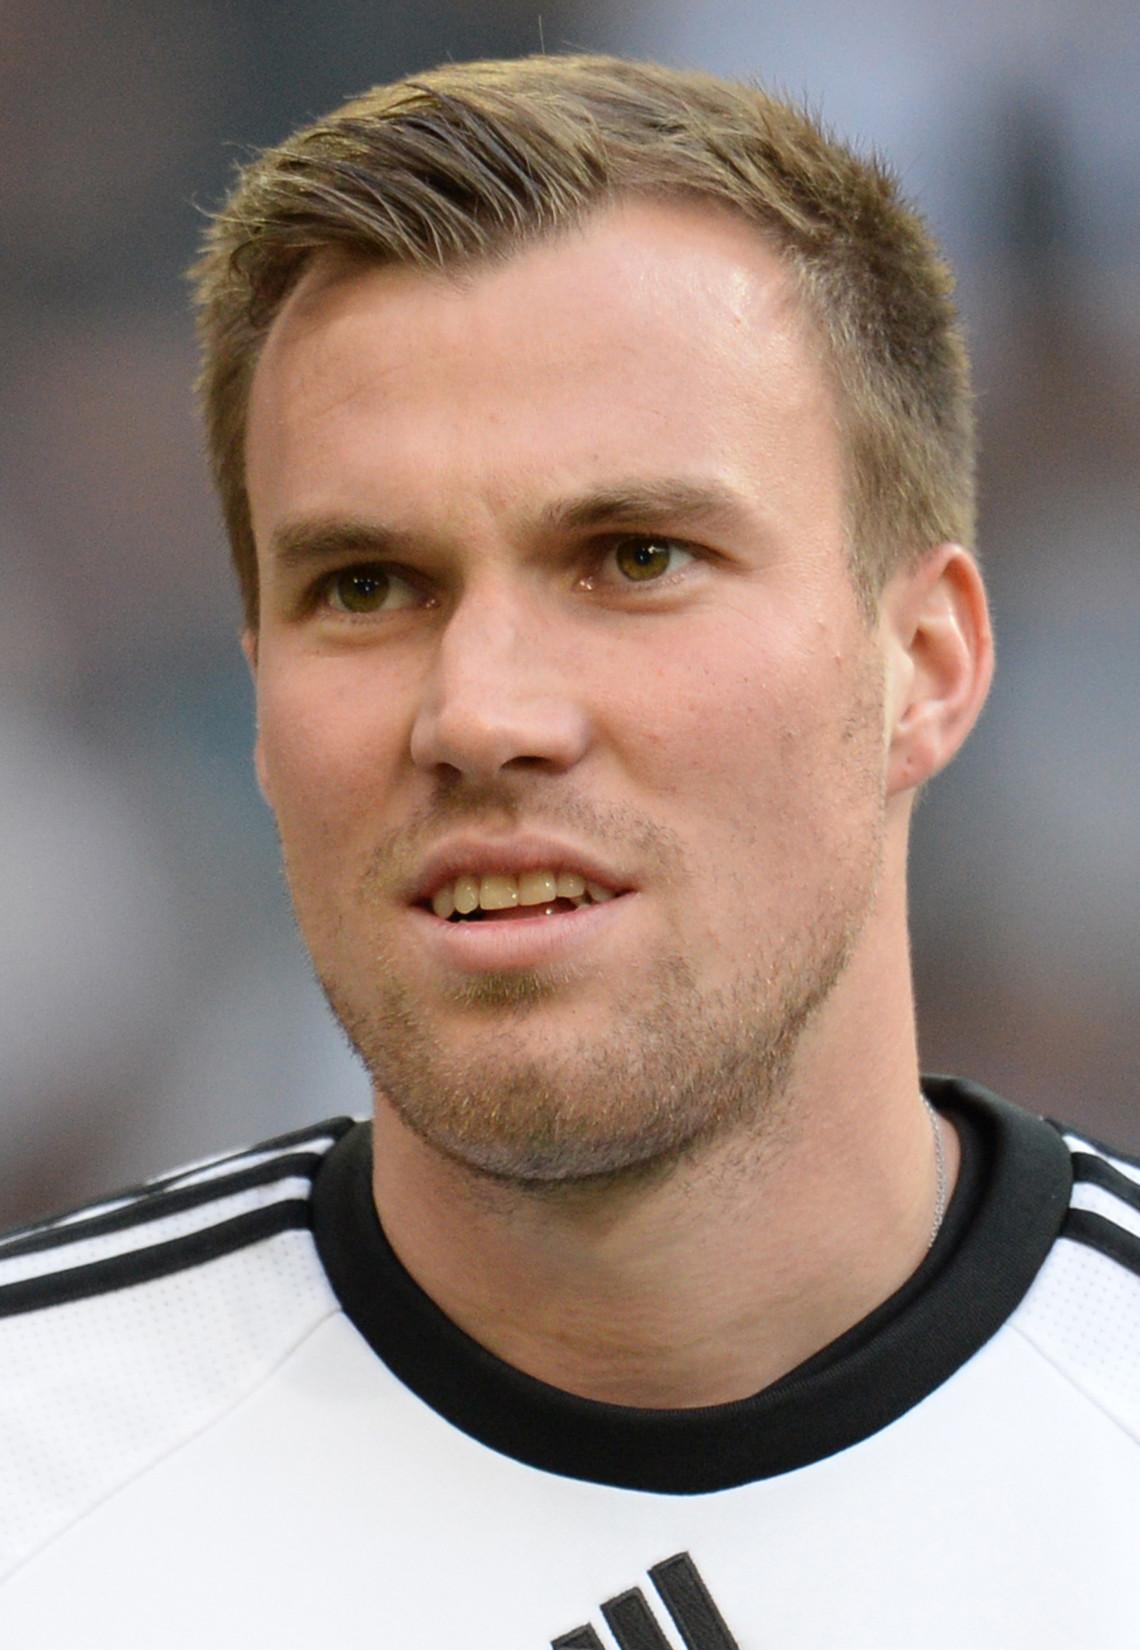 6Mm Haarschnitt  Fußballer Frisuren Entscheidend is auf m Kopf S 15